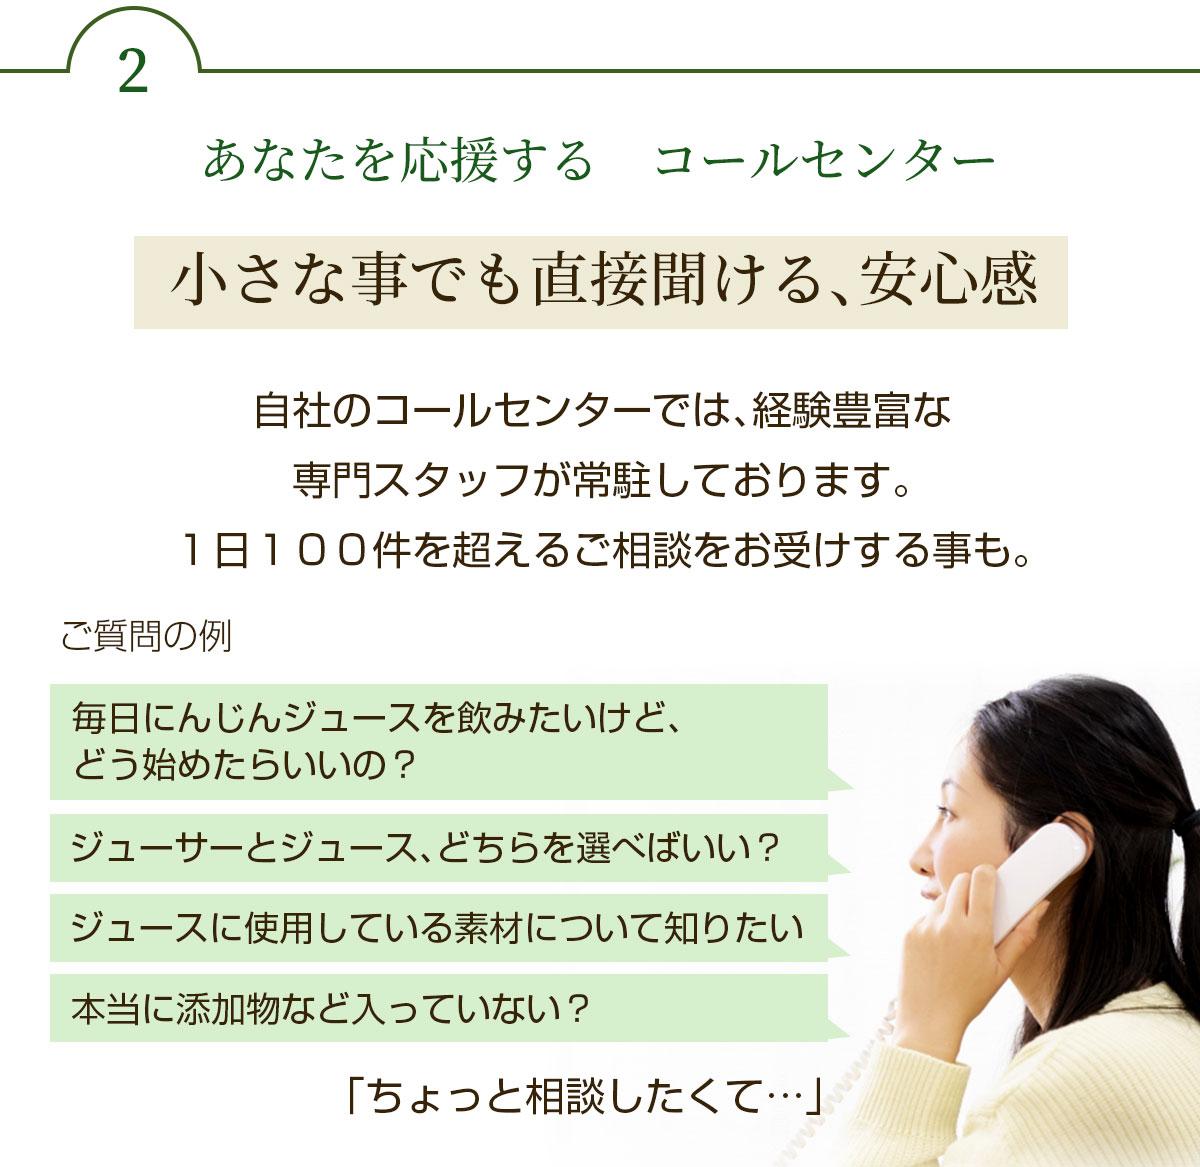 無添加 人参ジュース ピュアキャロップル 900ml×1本(常温ピカベジジュース) ゲルソン療法 栄養機能食品(ビタミンA) ストレートジュース